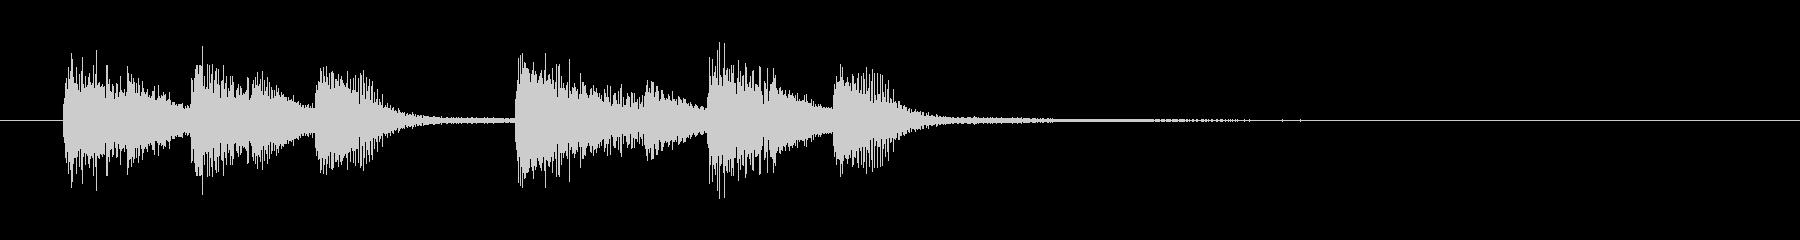 おしゃれコードのピアノジングルの未再生の波形